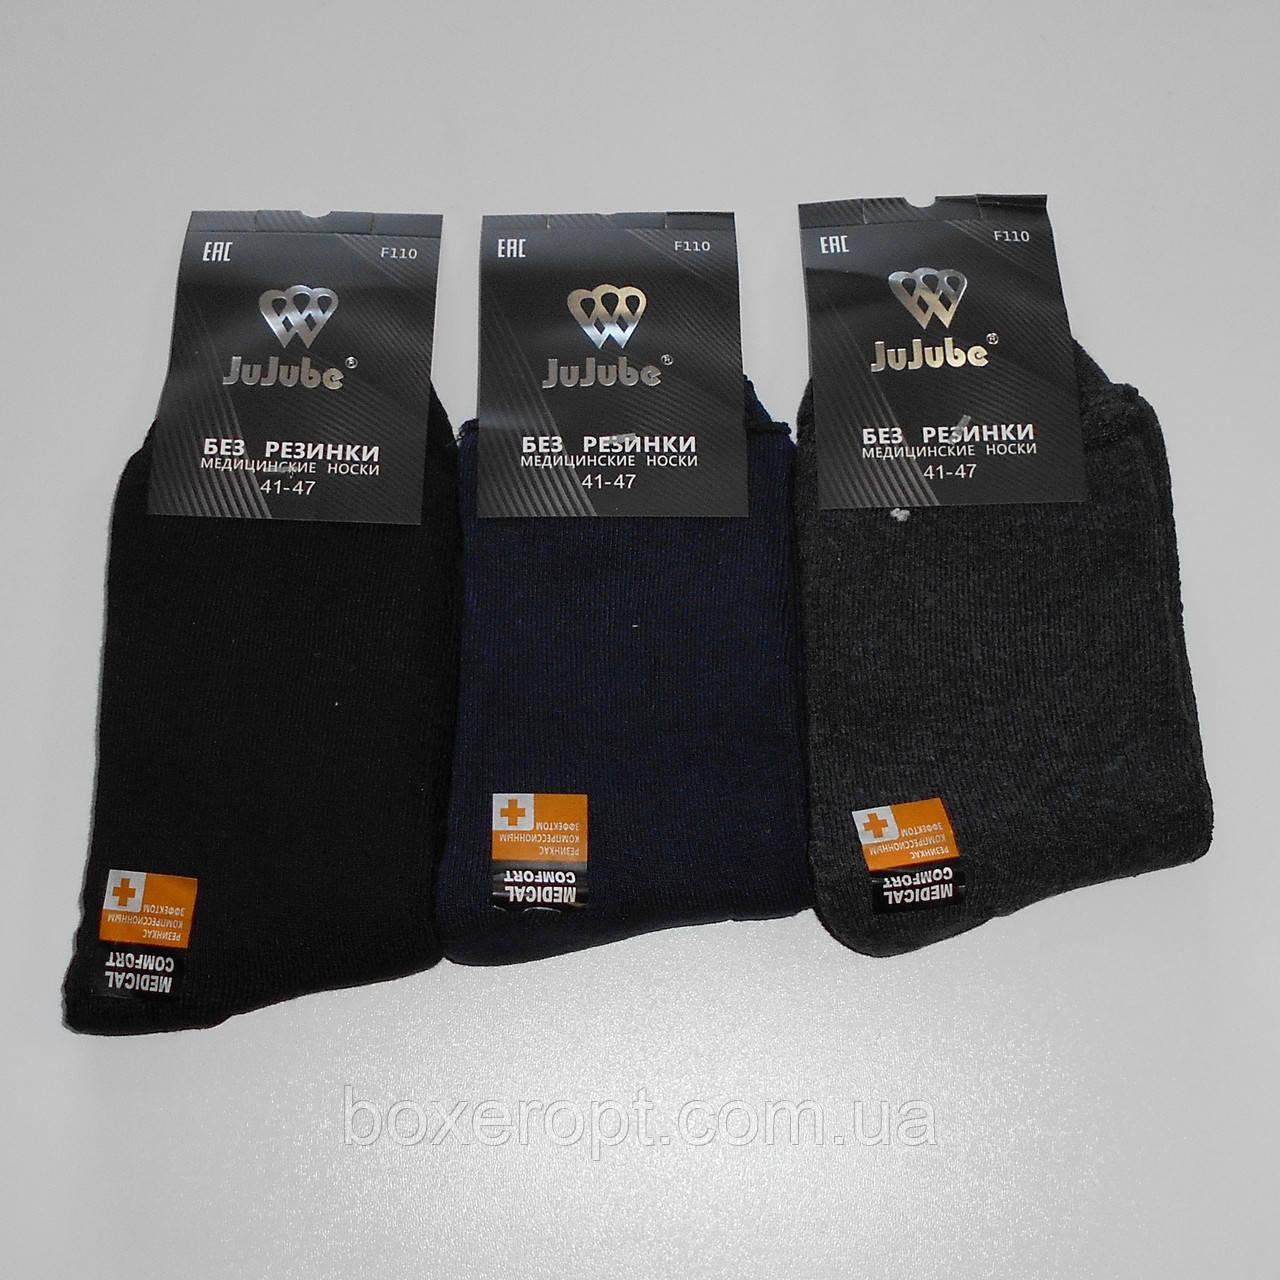 Мужские махровые носки без резинки Ju-Ju-Be - 10.00 грн./пара (F110)